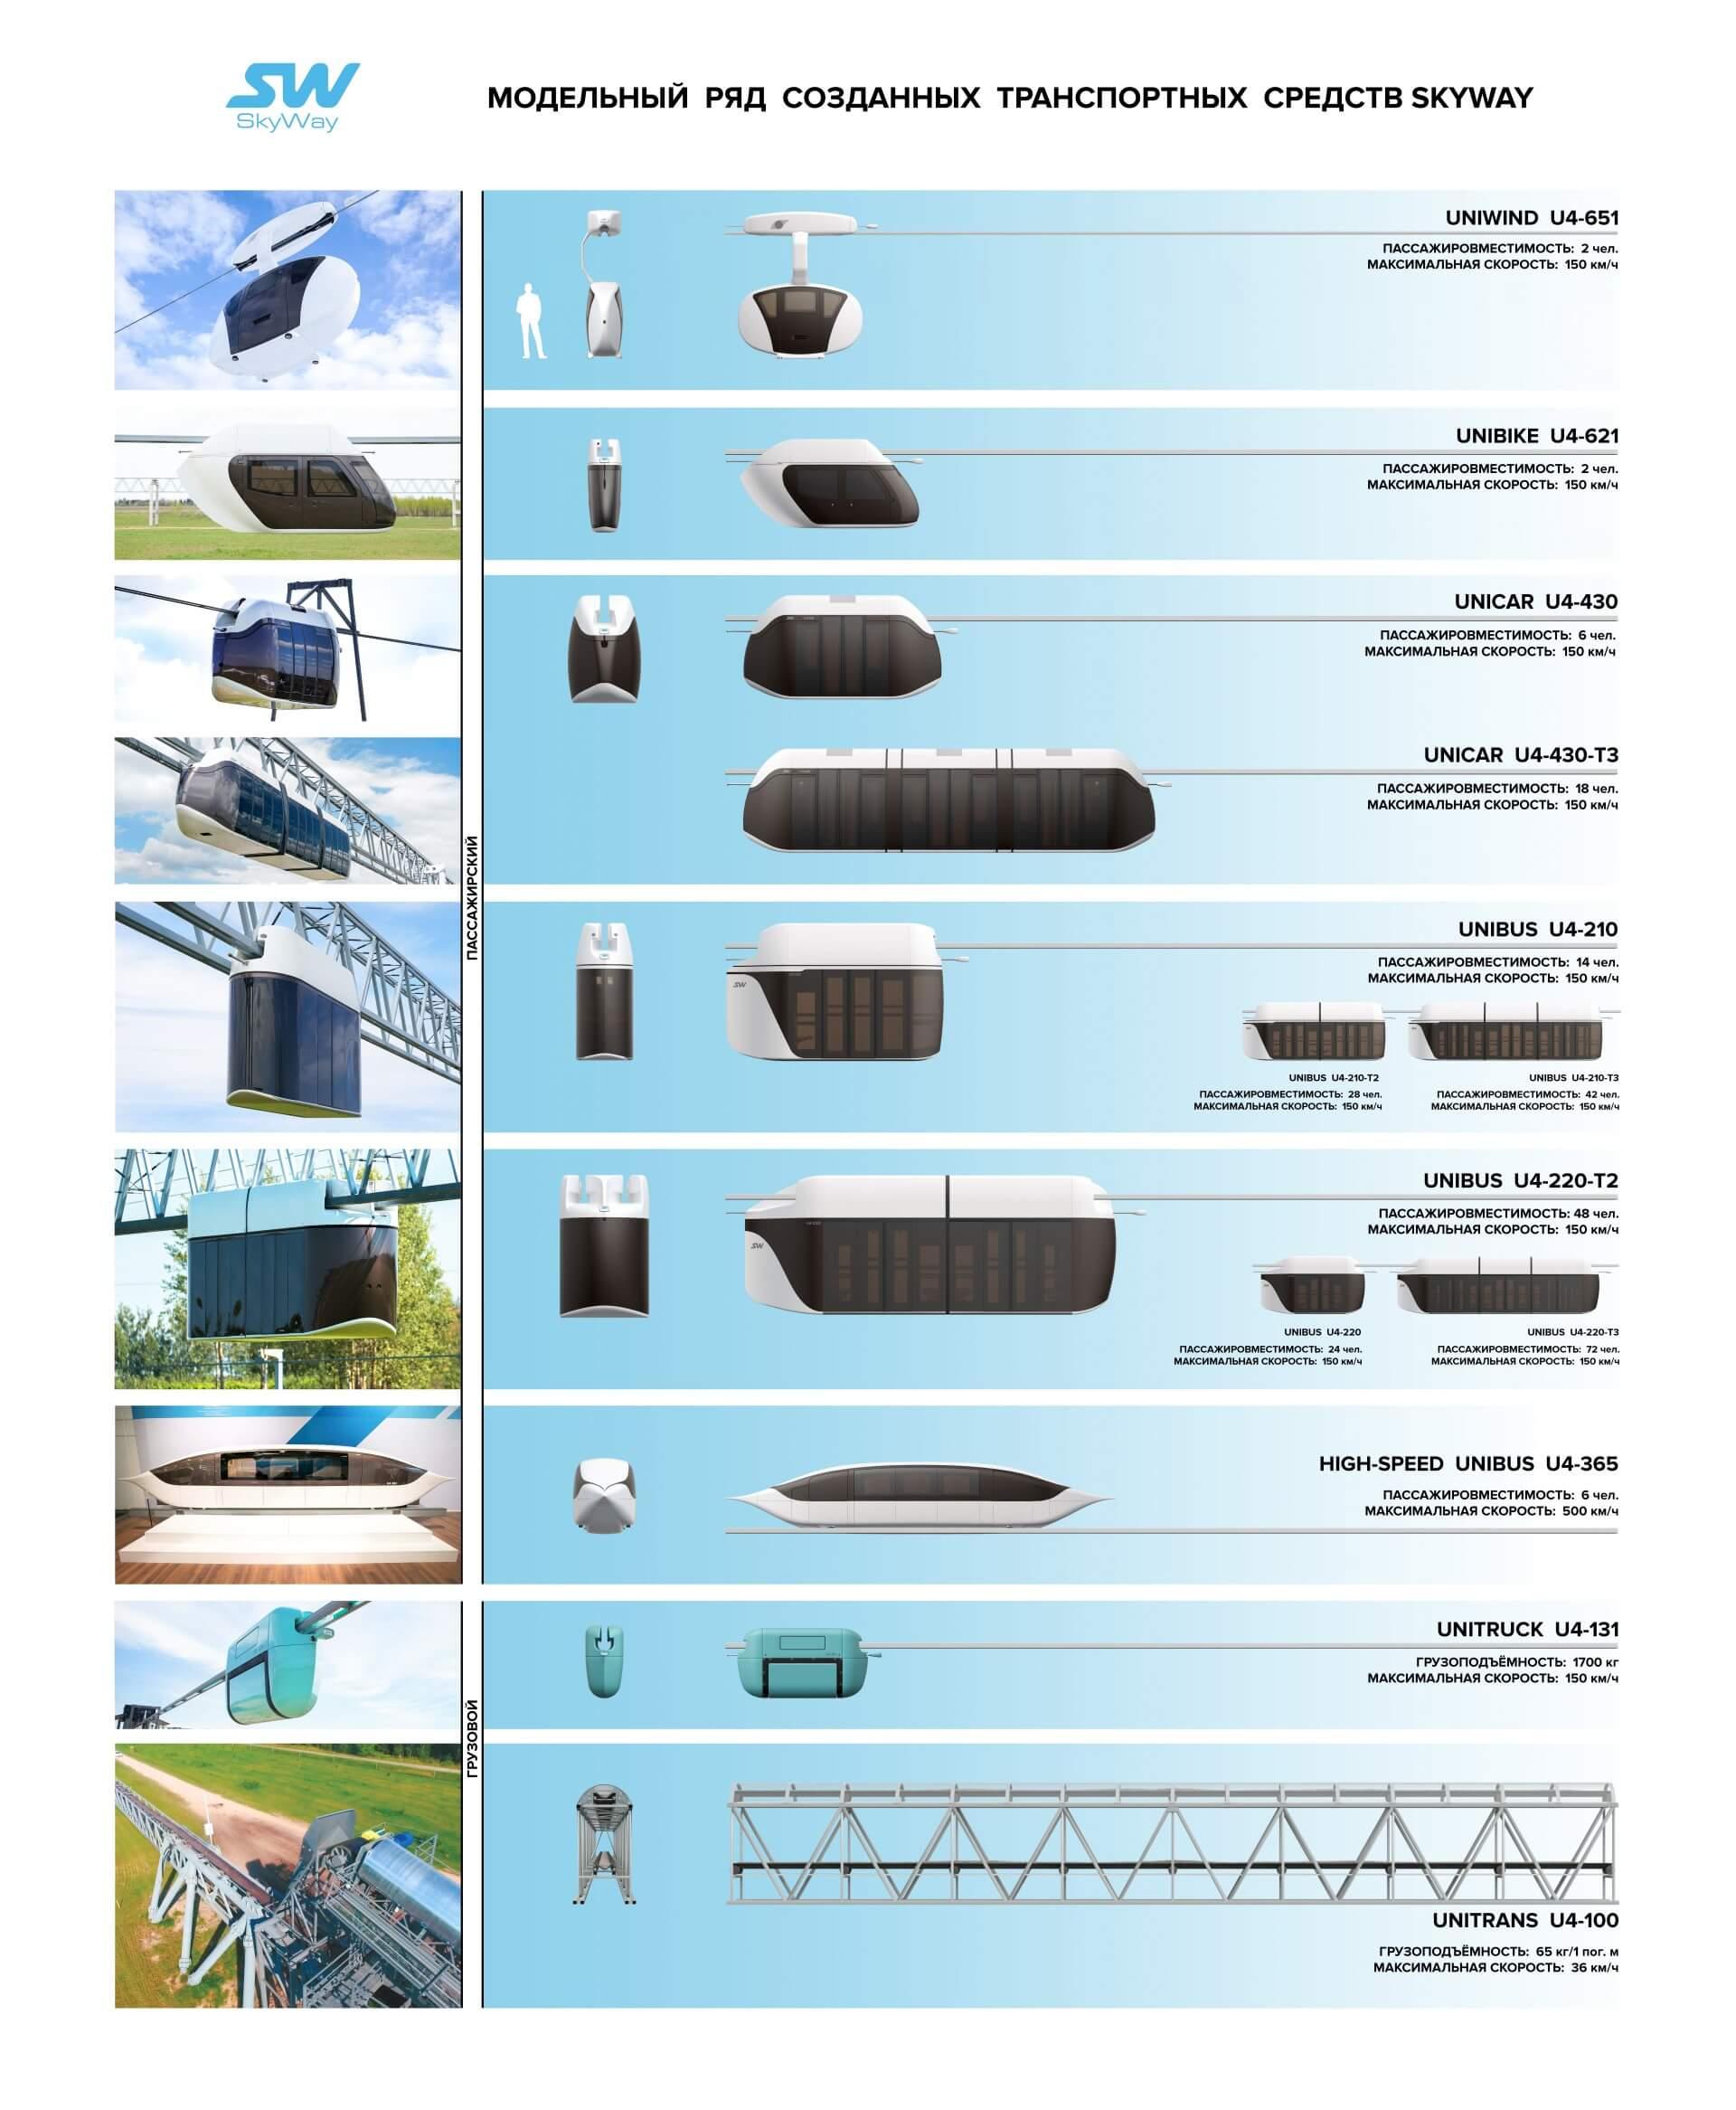 Модельный ряд струнного транспорта SkyWay 2019